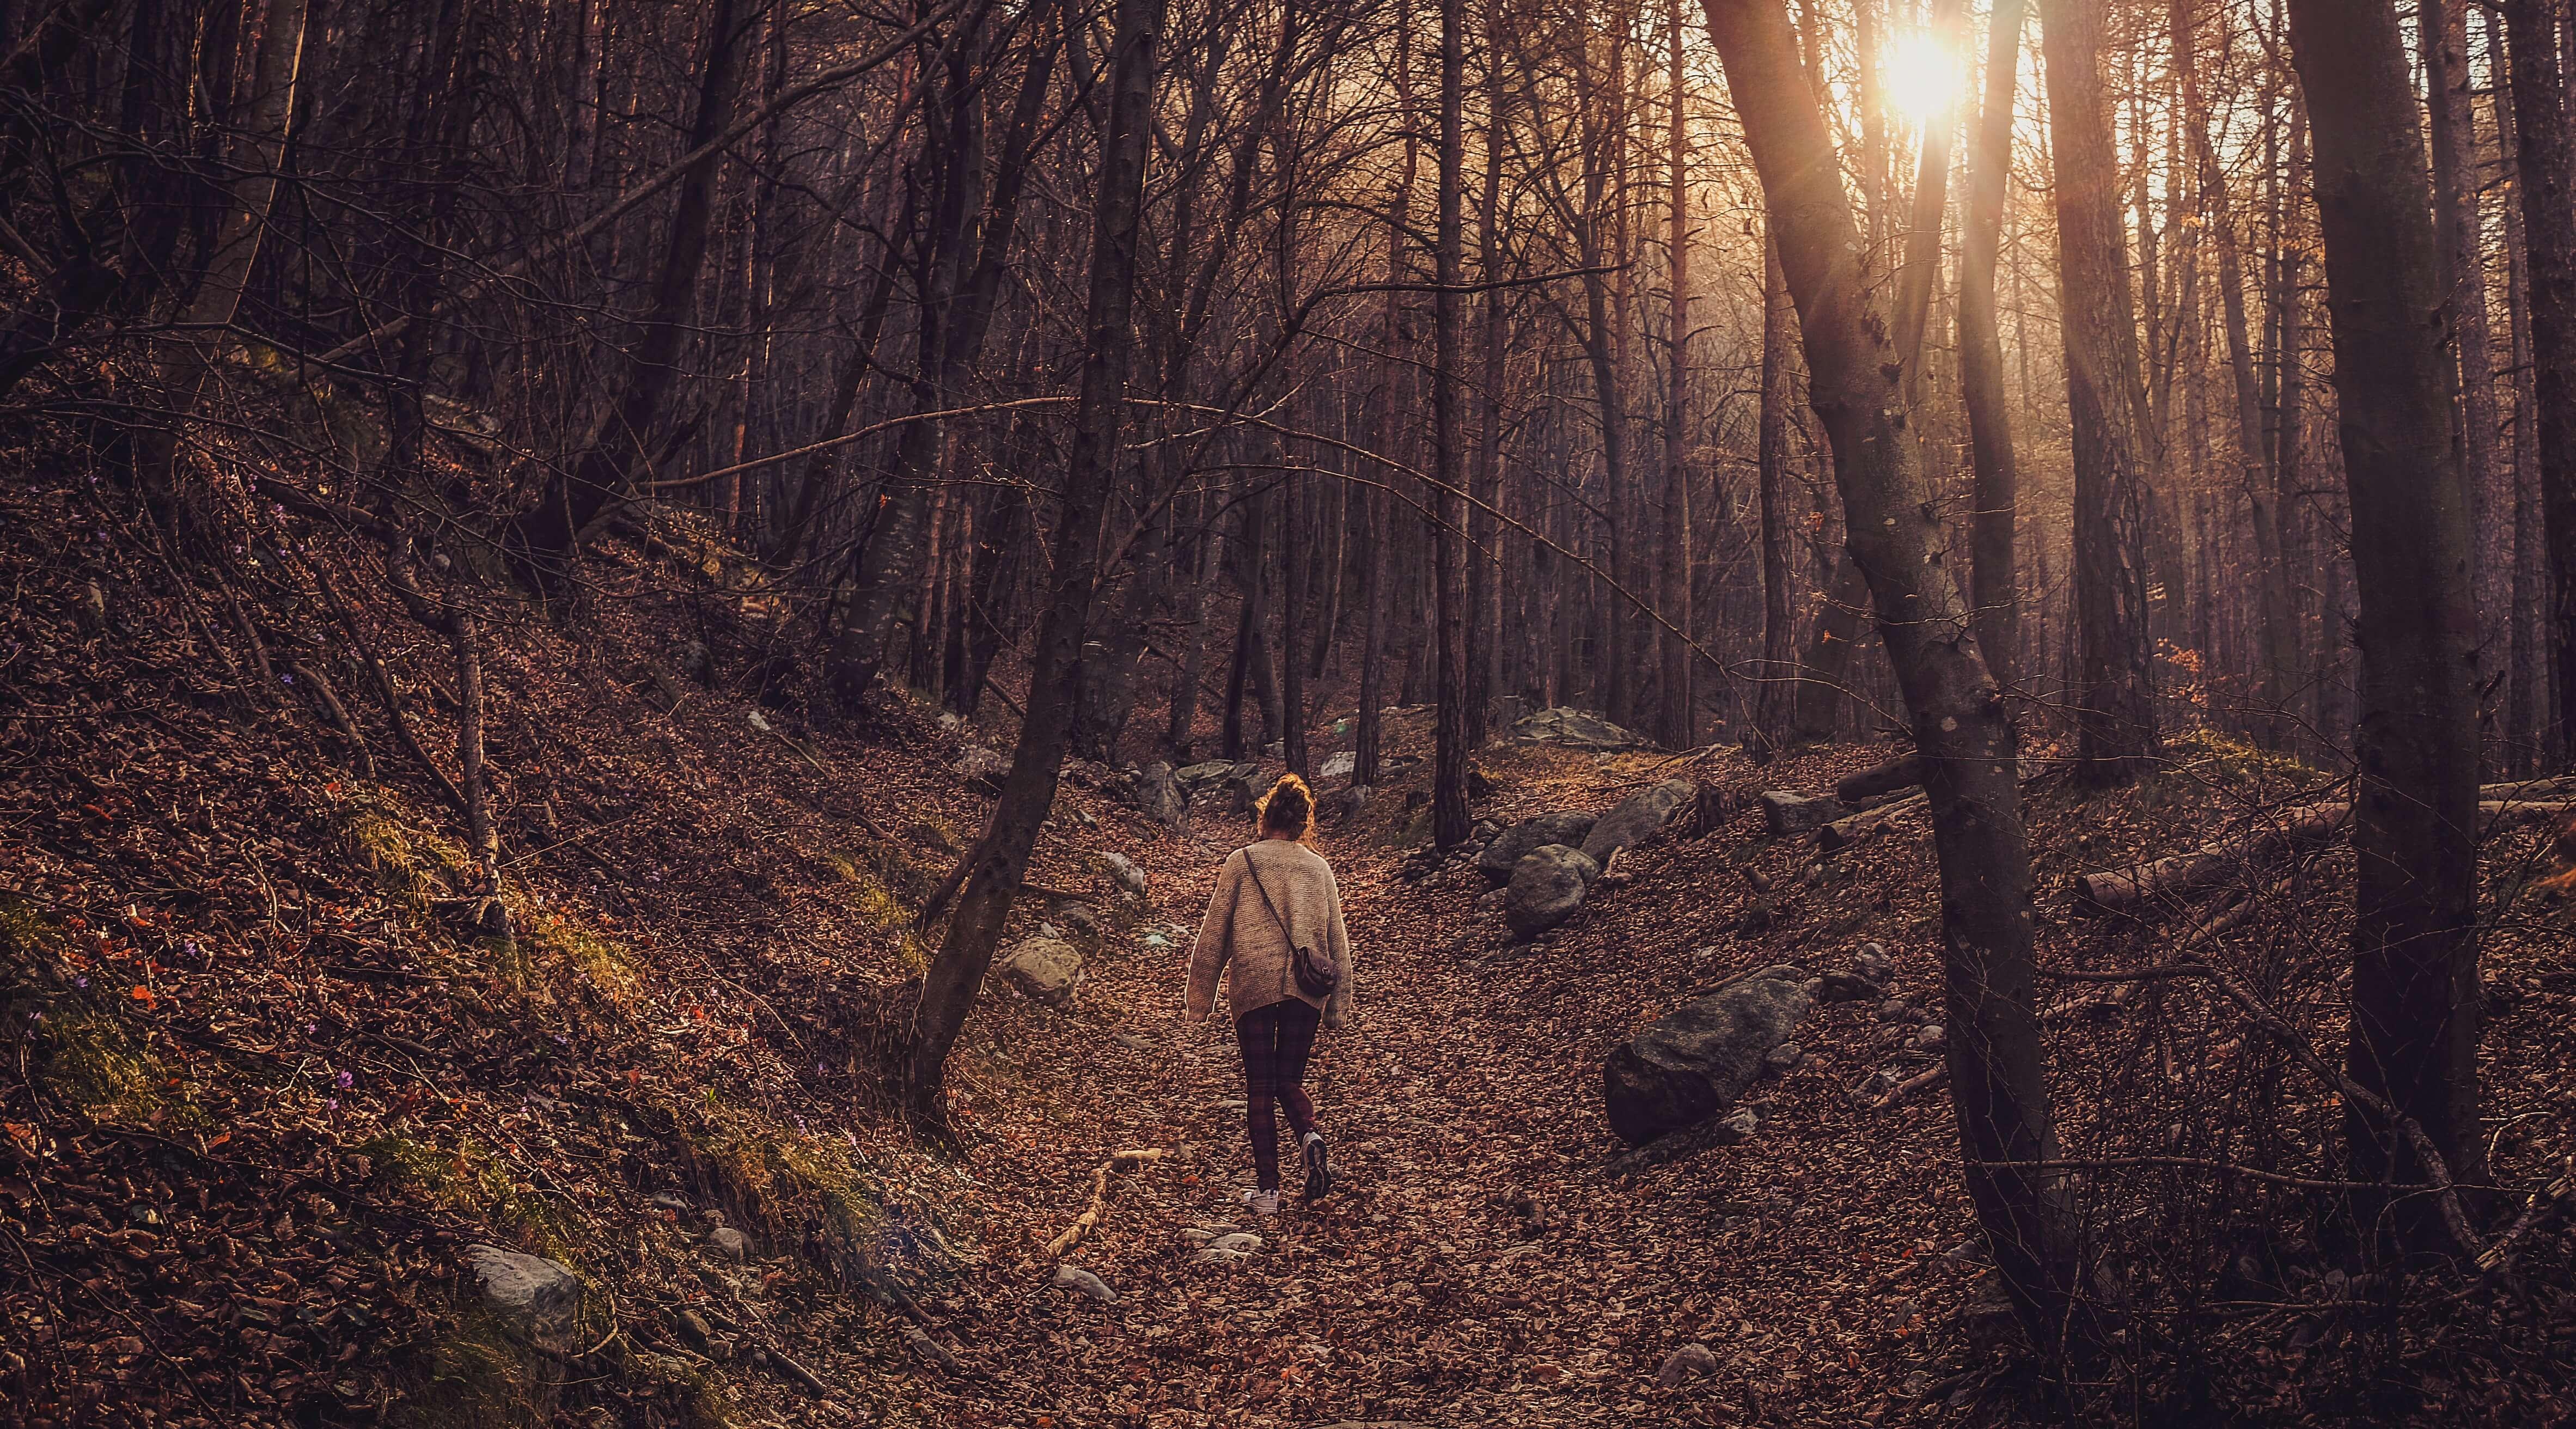 Kobieta spacerująca po lesie.